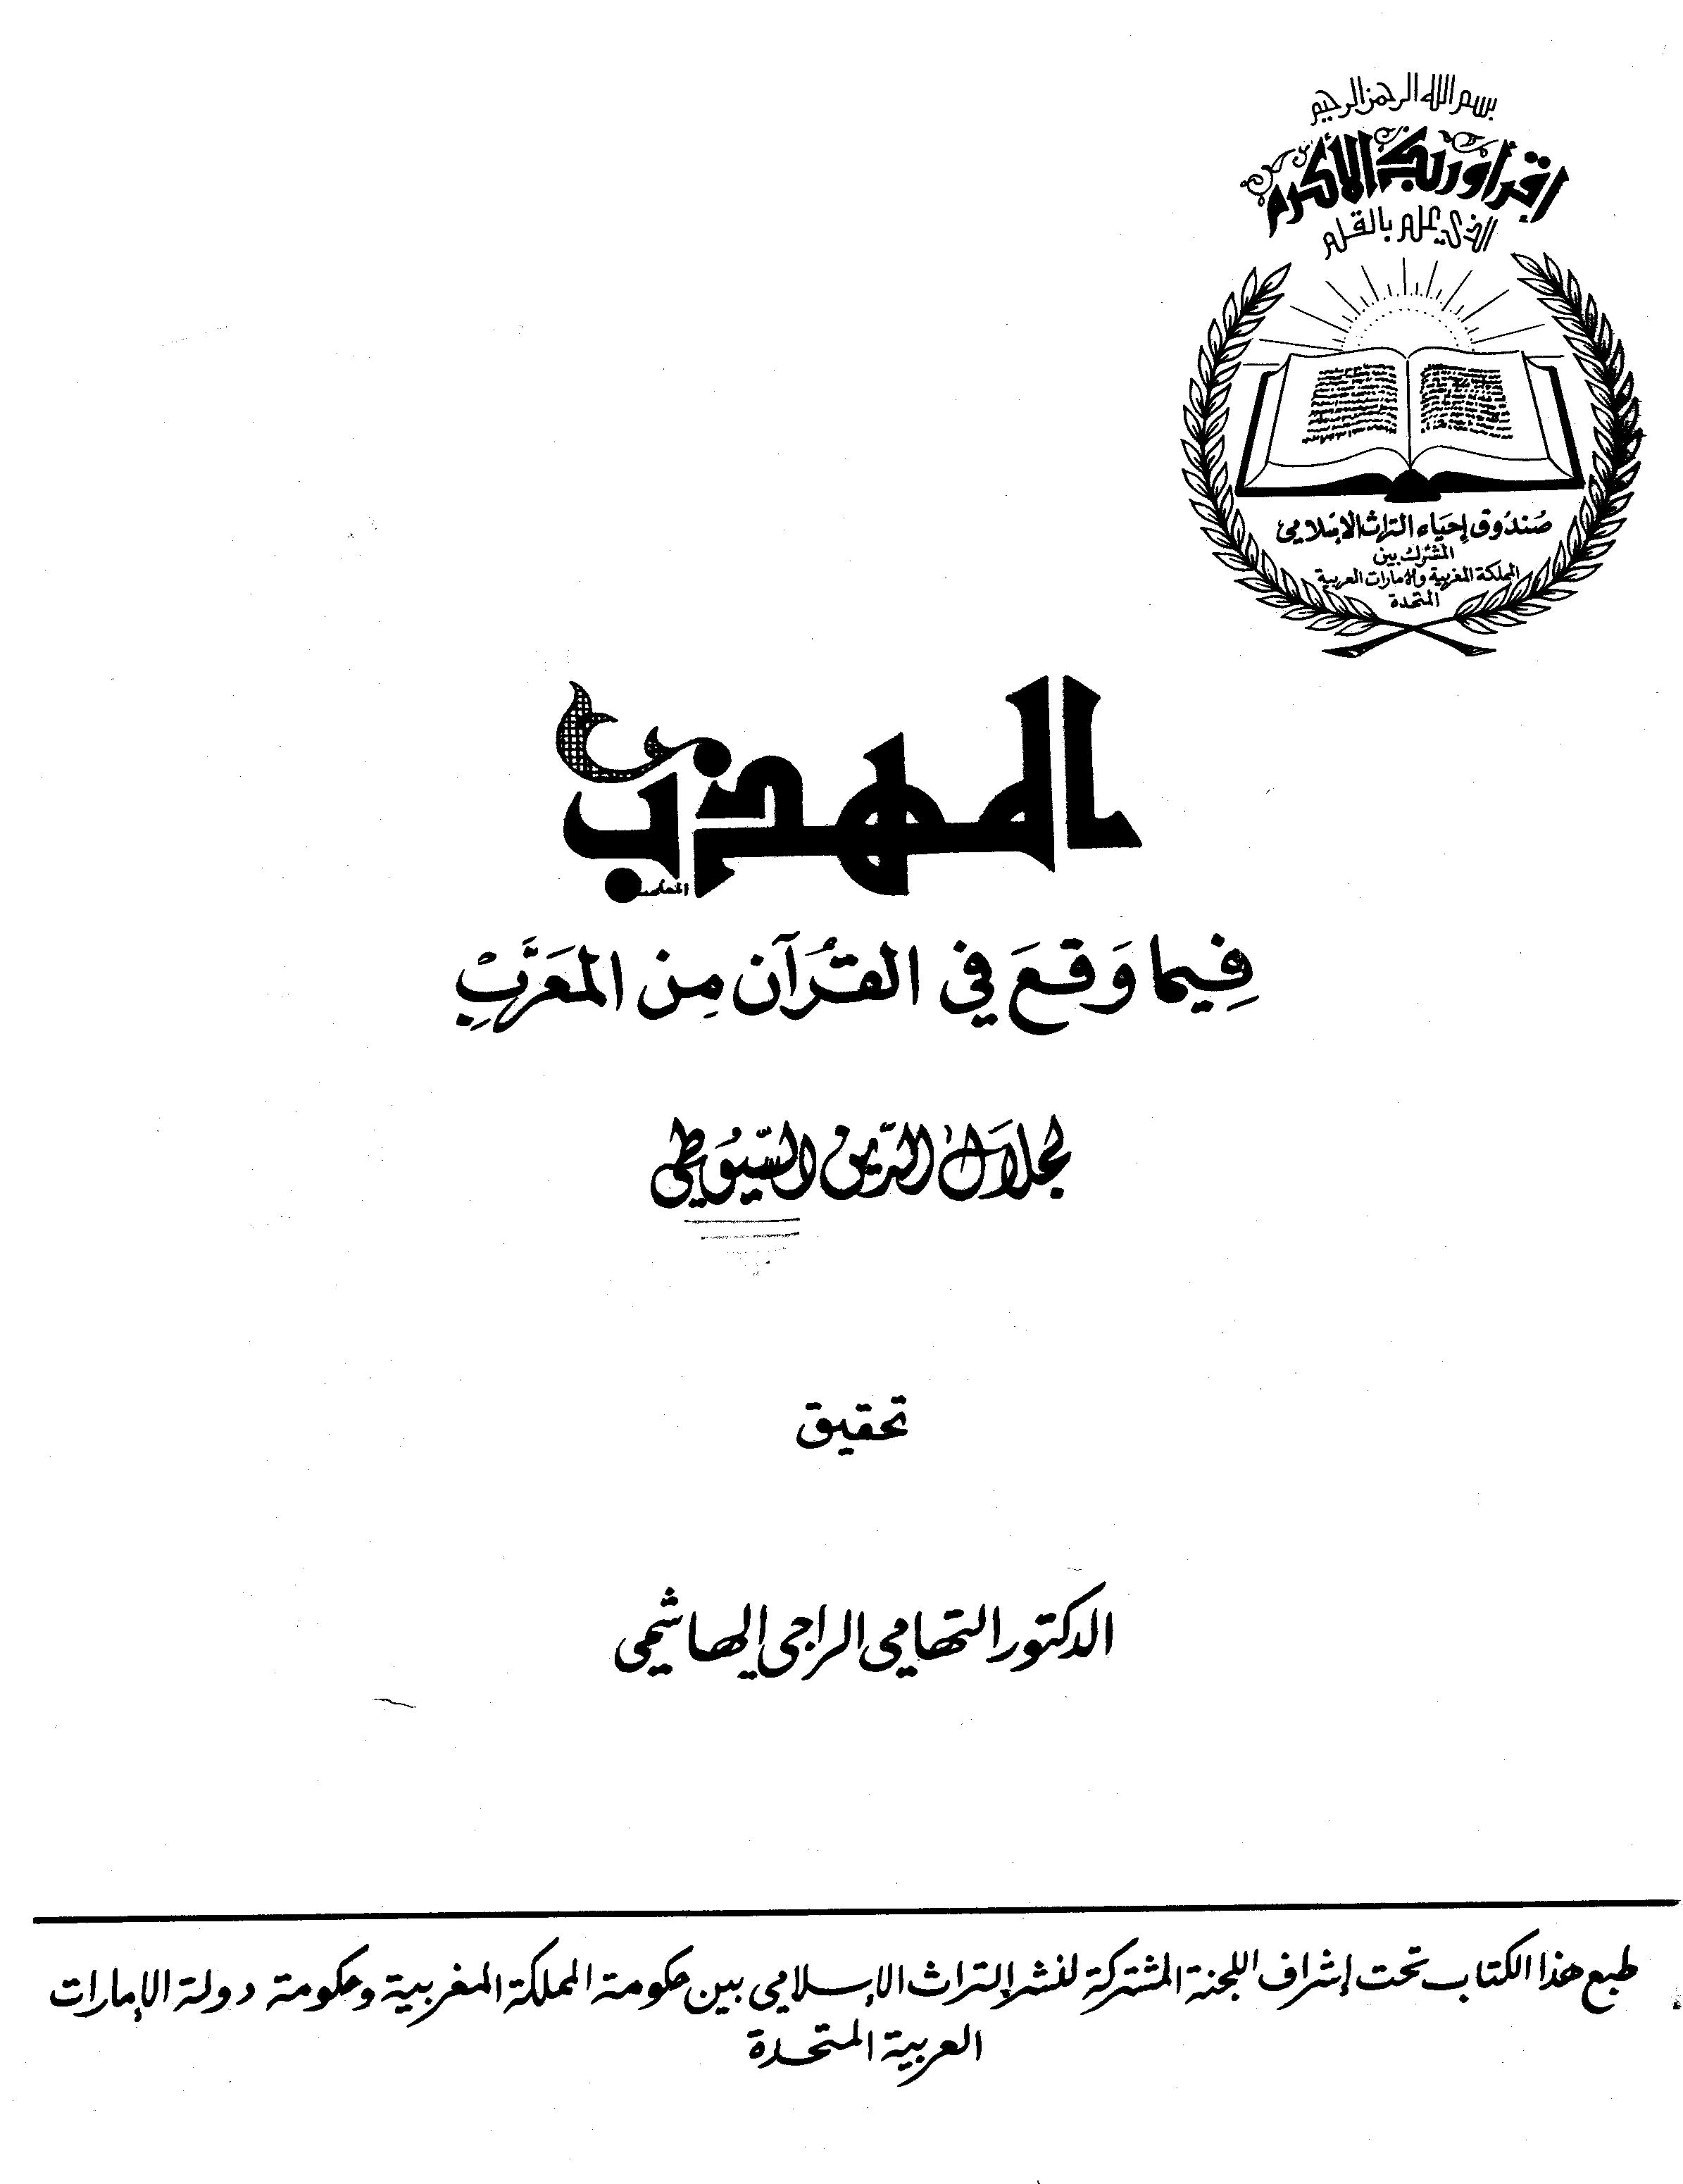 المهذب فيما وقع في القرآن من المعرب - أبو الفضل جلال الدين عبد الرحمن بن أبي بكر السيوطي (ت 911 هـ)